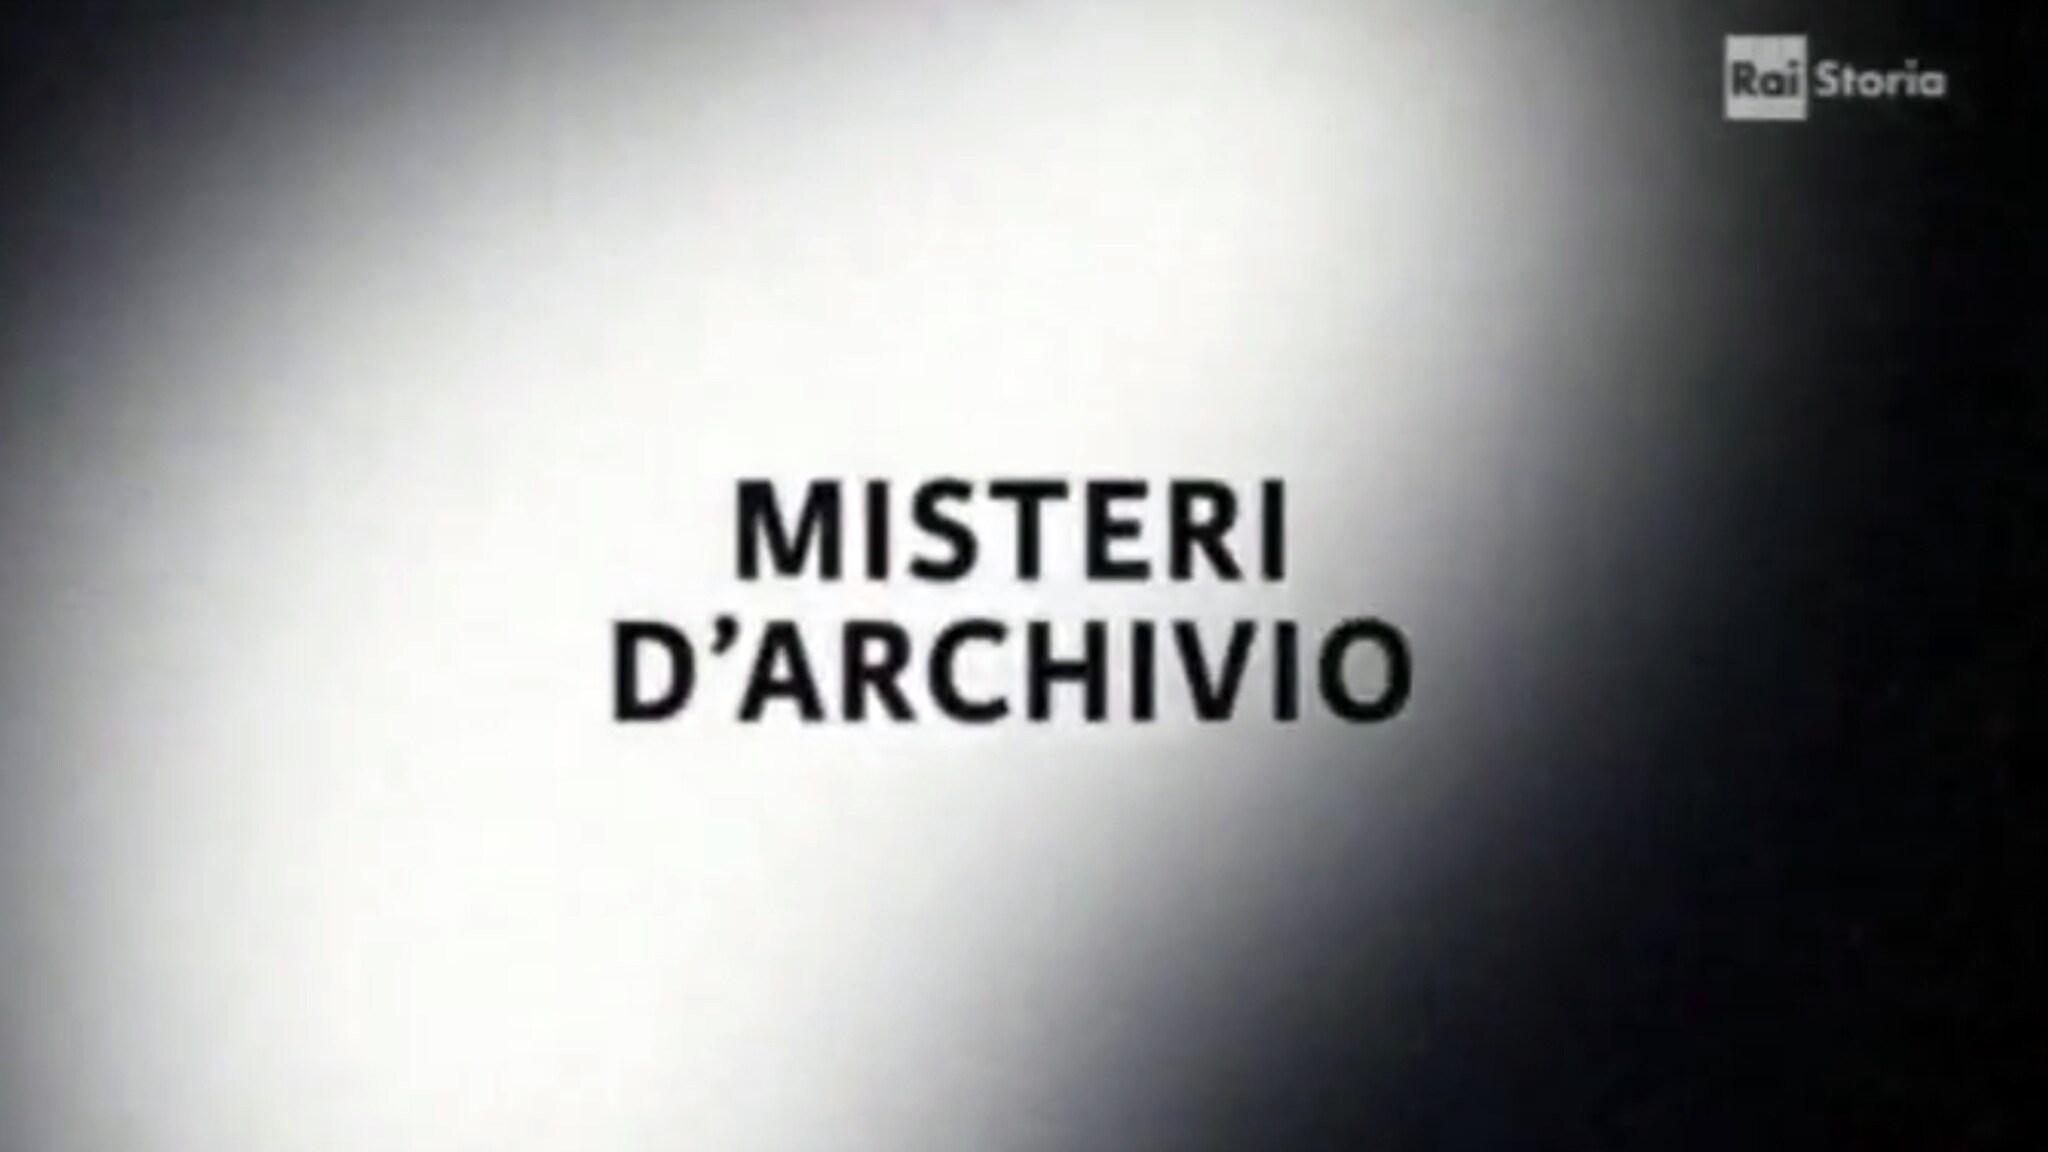 Rai Storia Misteri d'archivio. 1968 La primavera di Praga